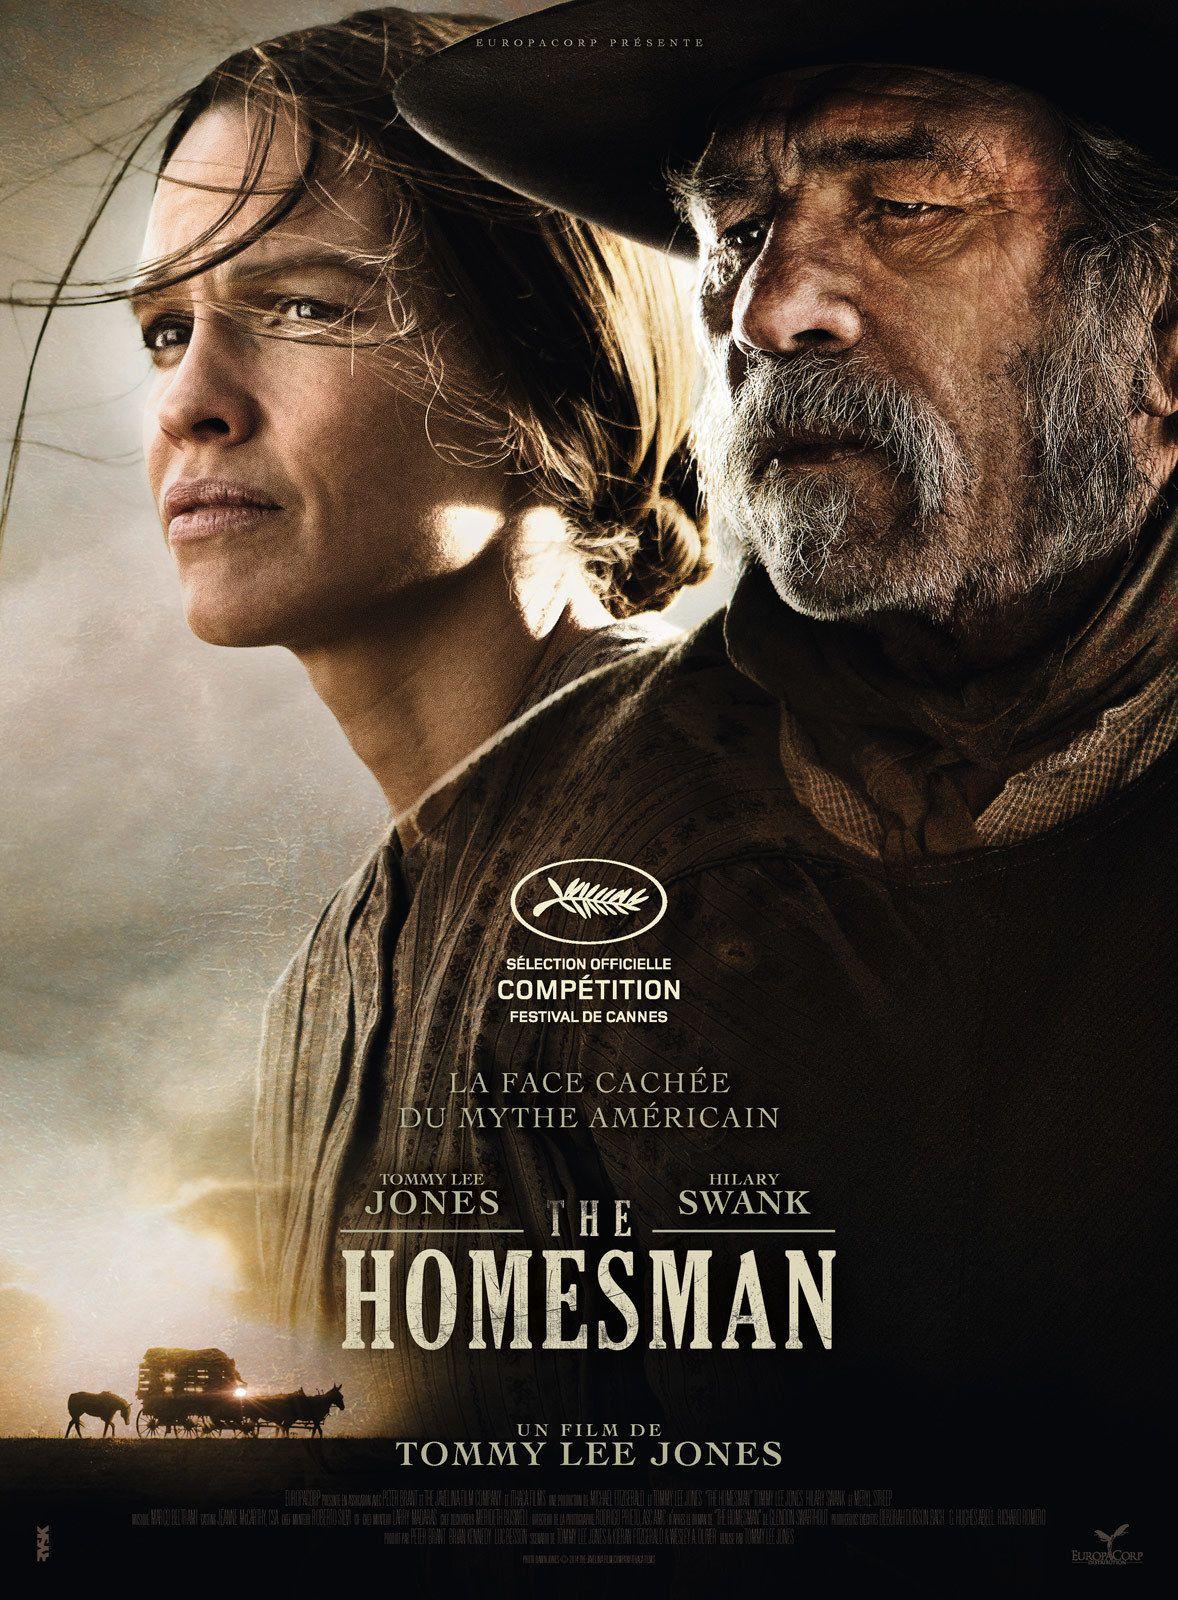 Votre dernier film visionné - Page 19 The_Homesman